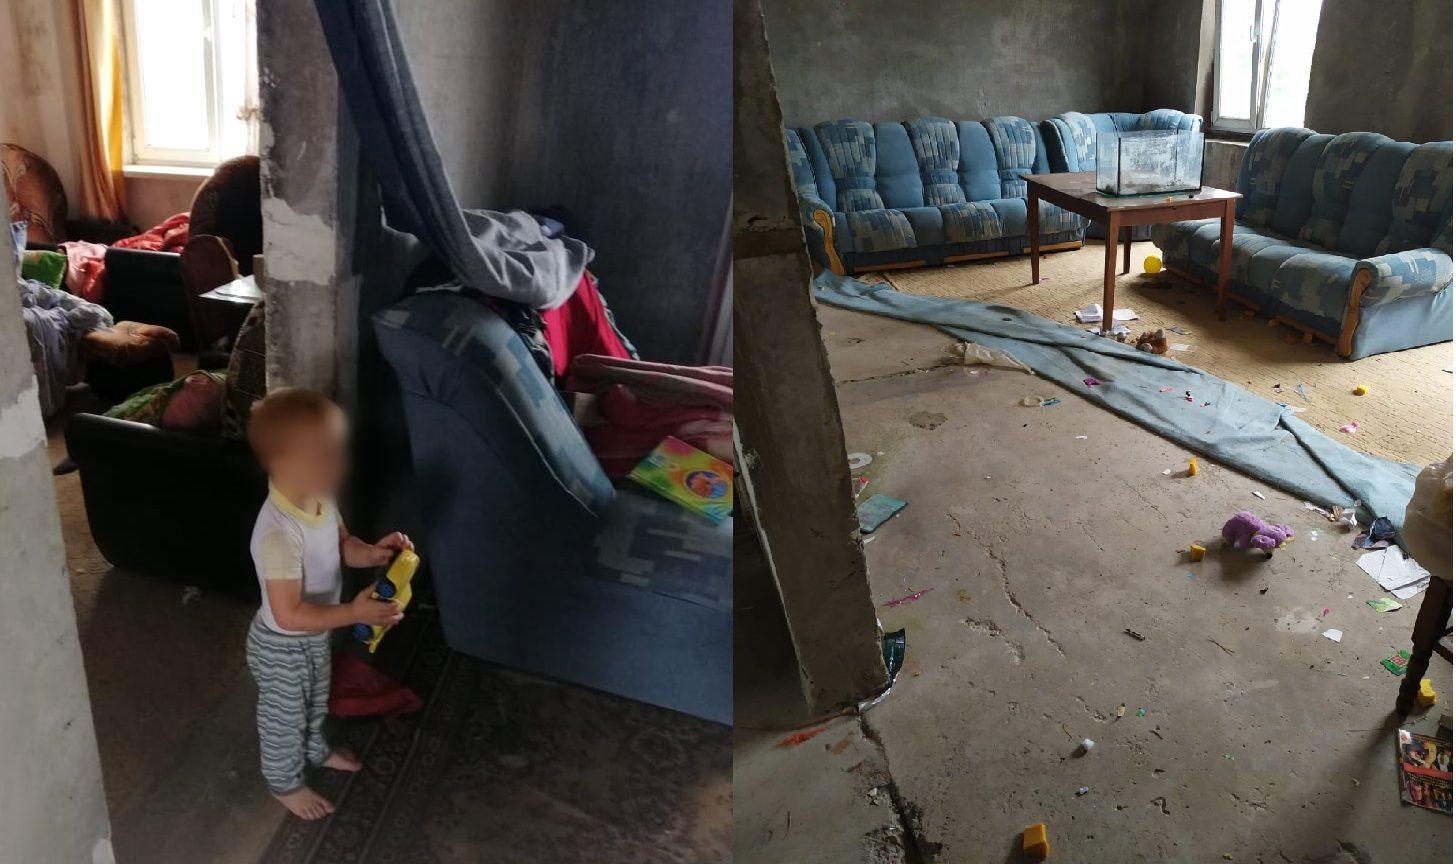 В Херсоне у пьющей матери забрали трехлетнего ребенка